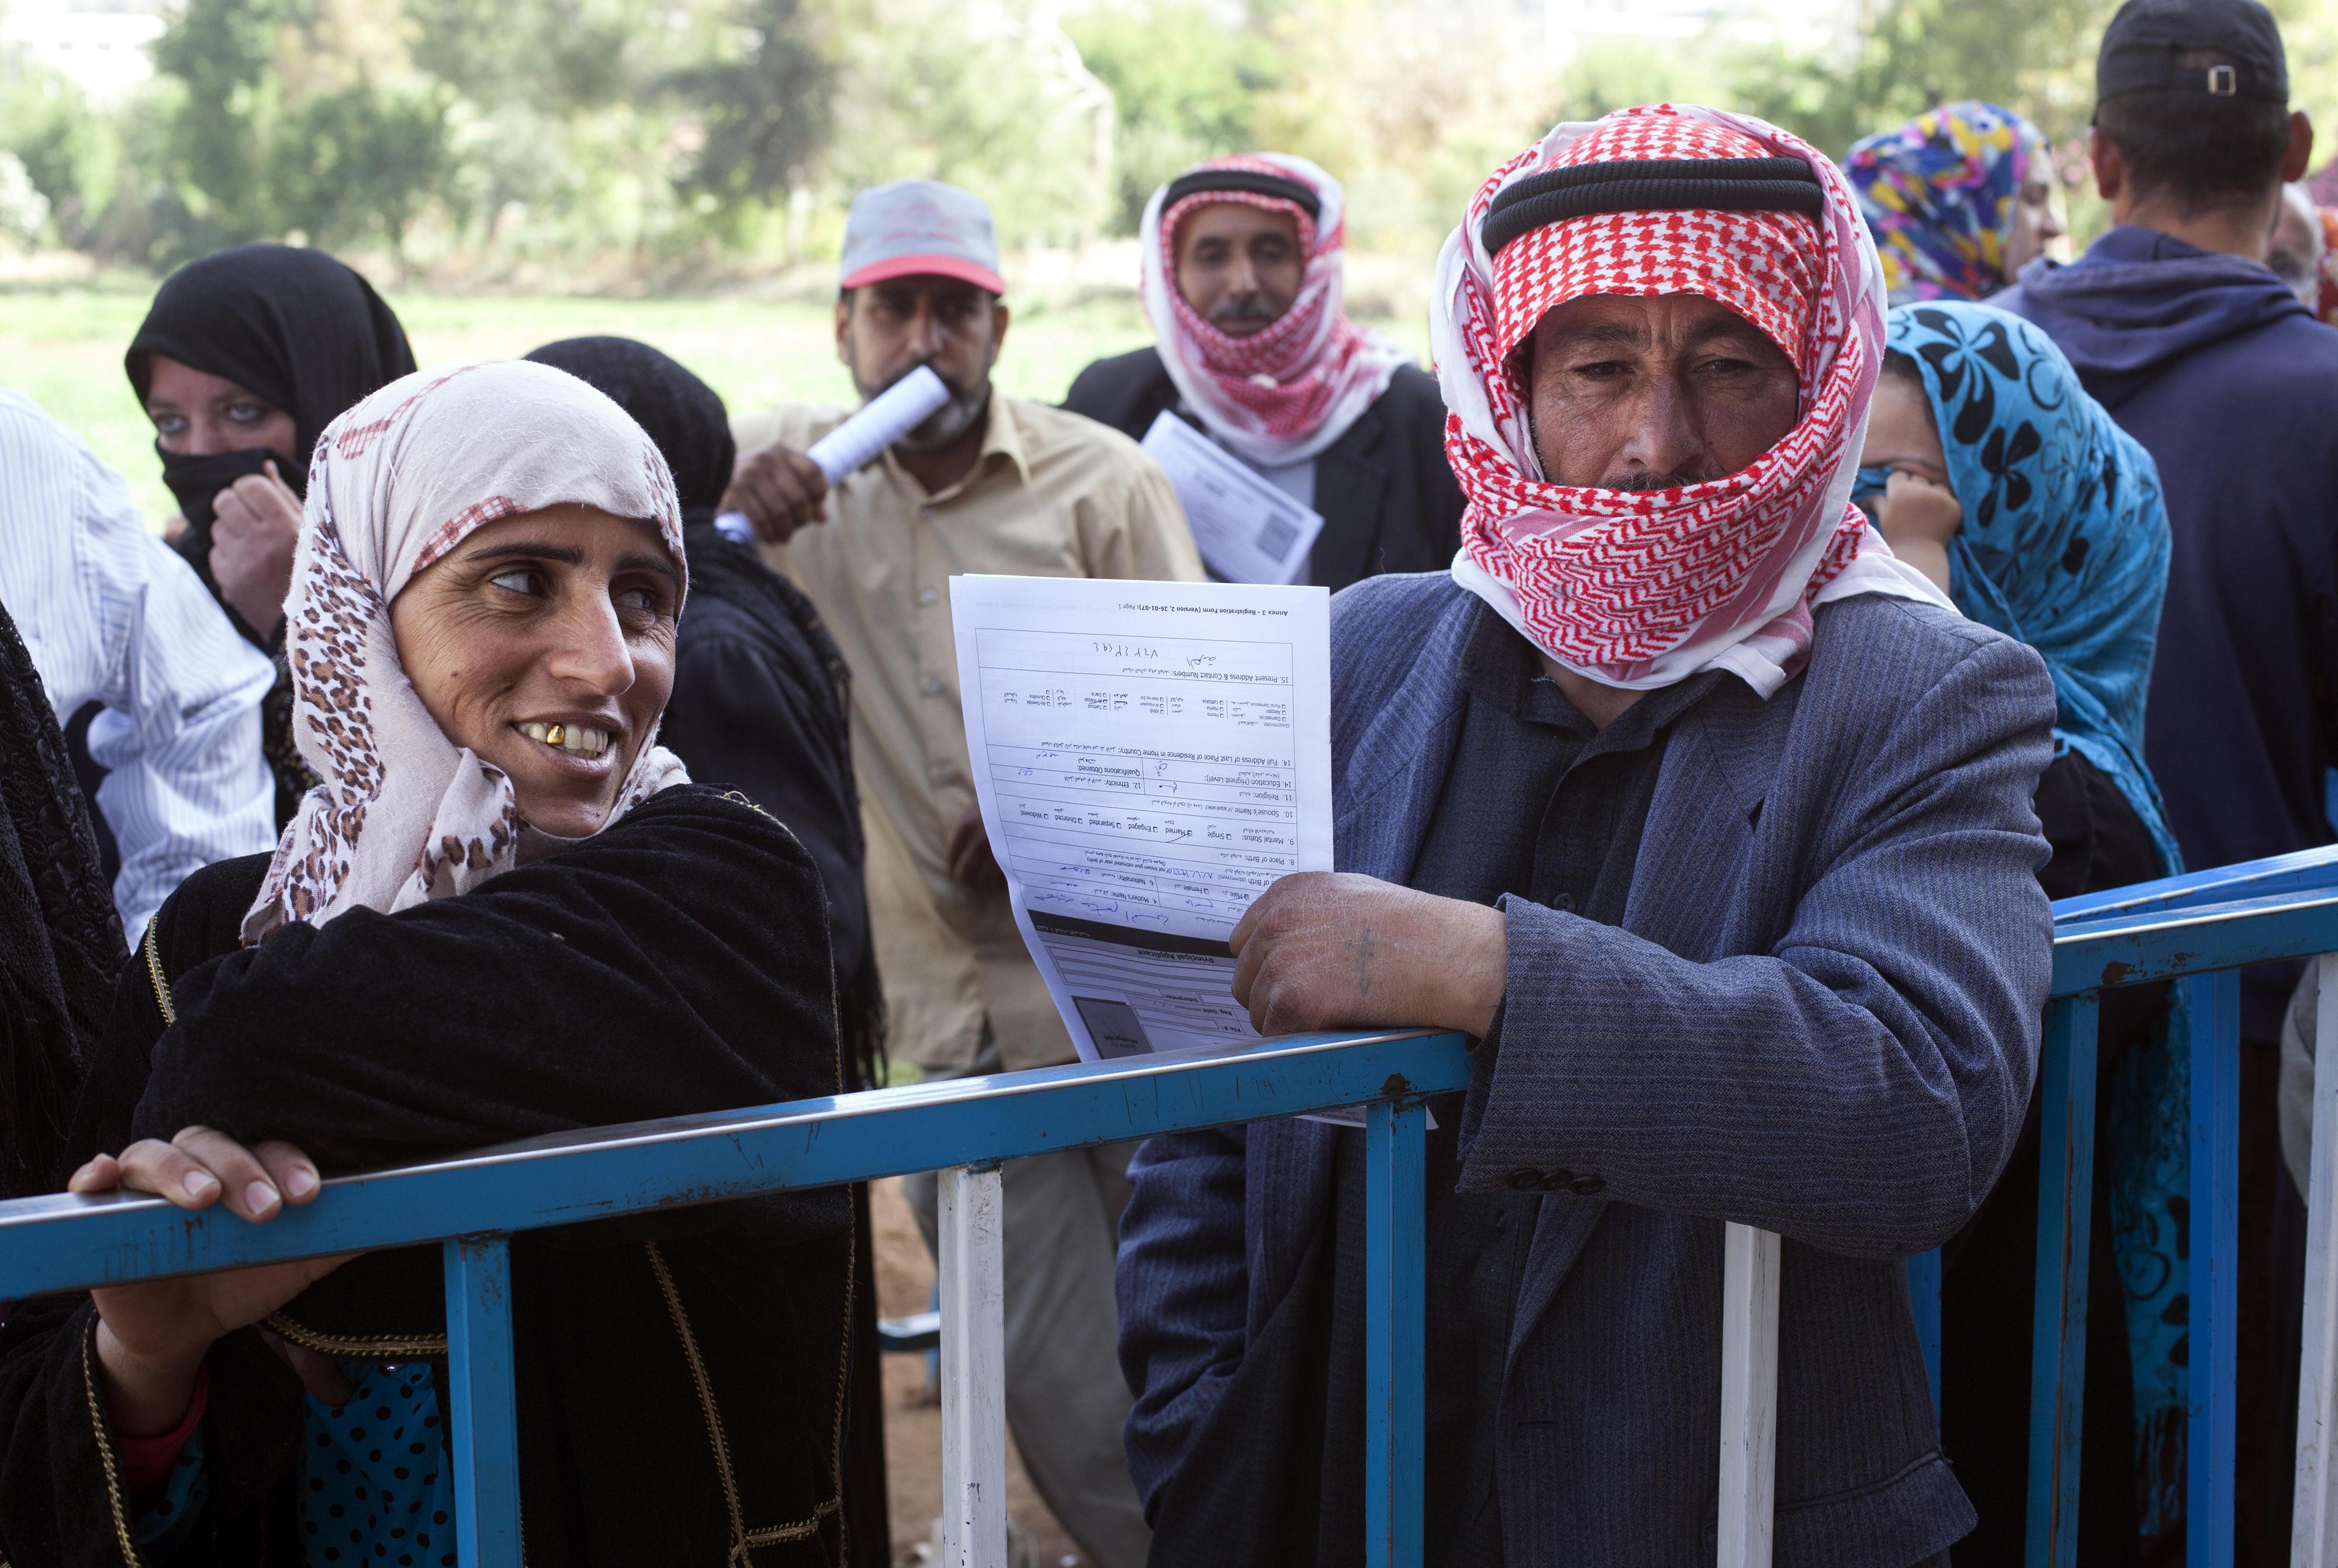 Syrische Flüchtlinge in einem UNHCR-Registrierungszentrum im Libanon